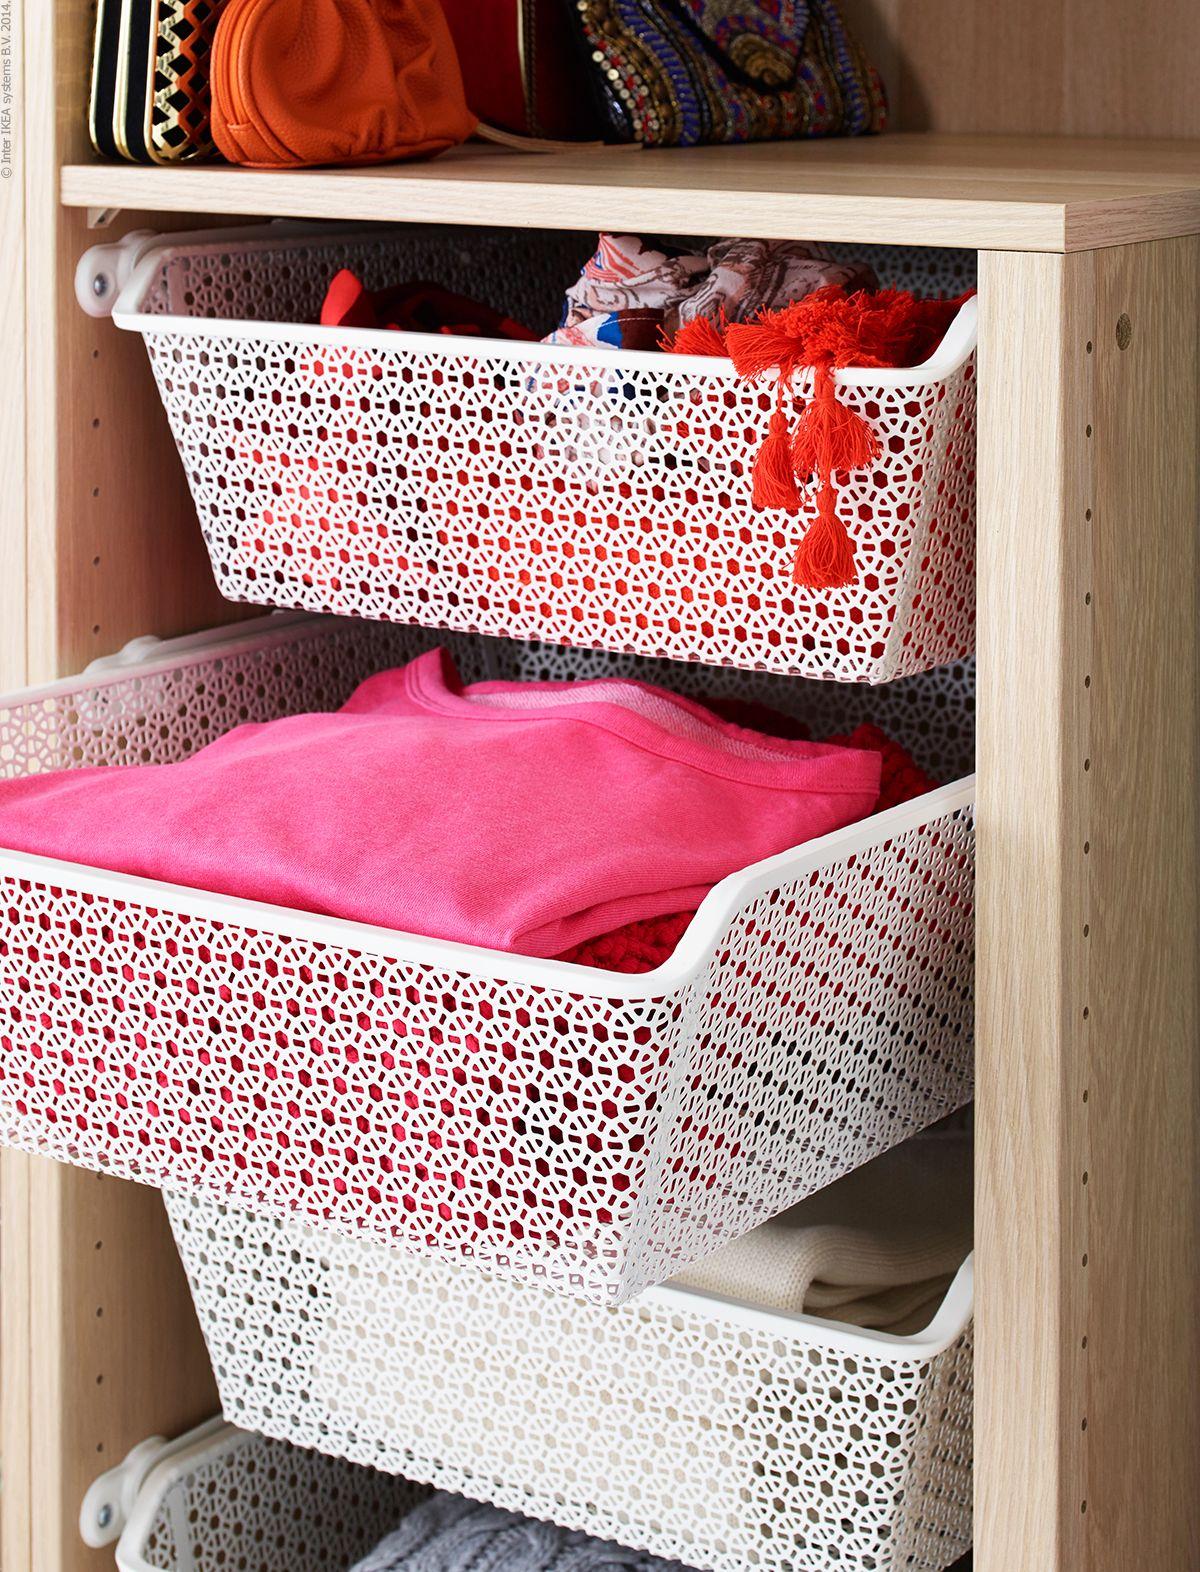 Komplement Trådbackar I Metall Ikea Förvaring Och Garderob